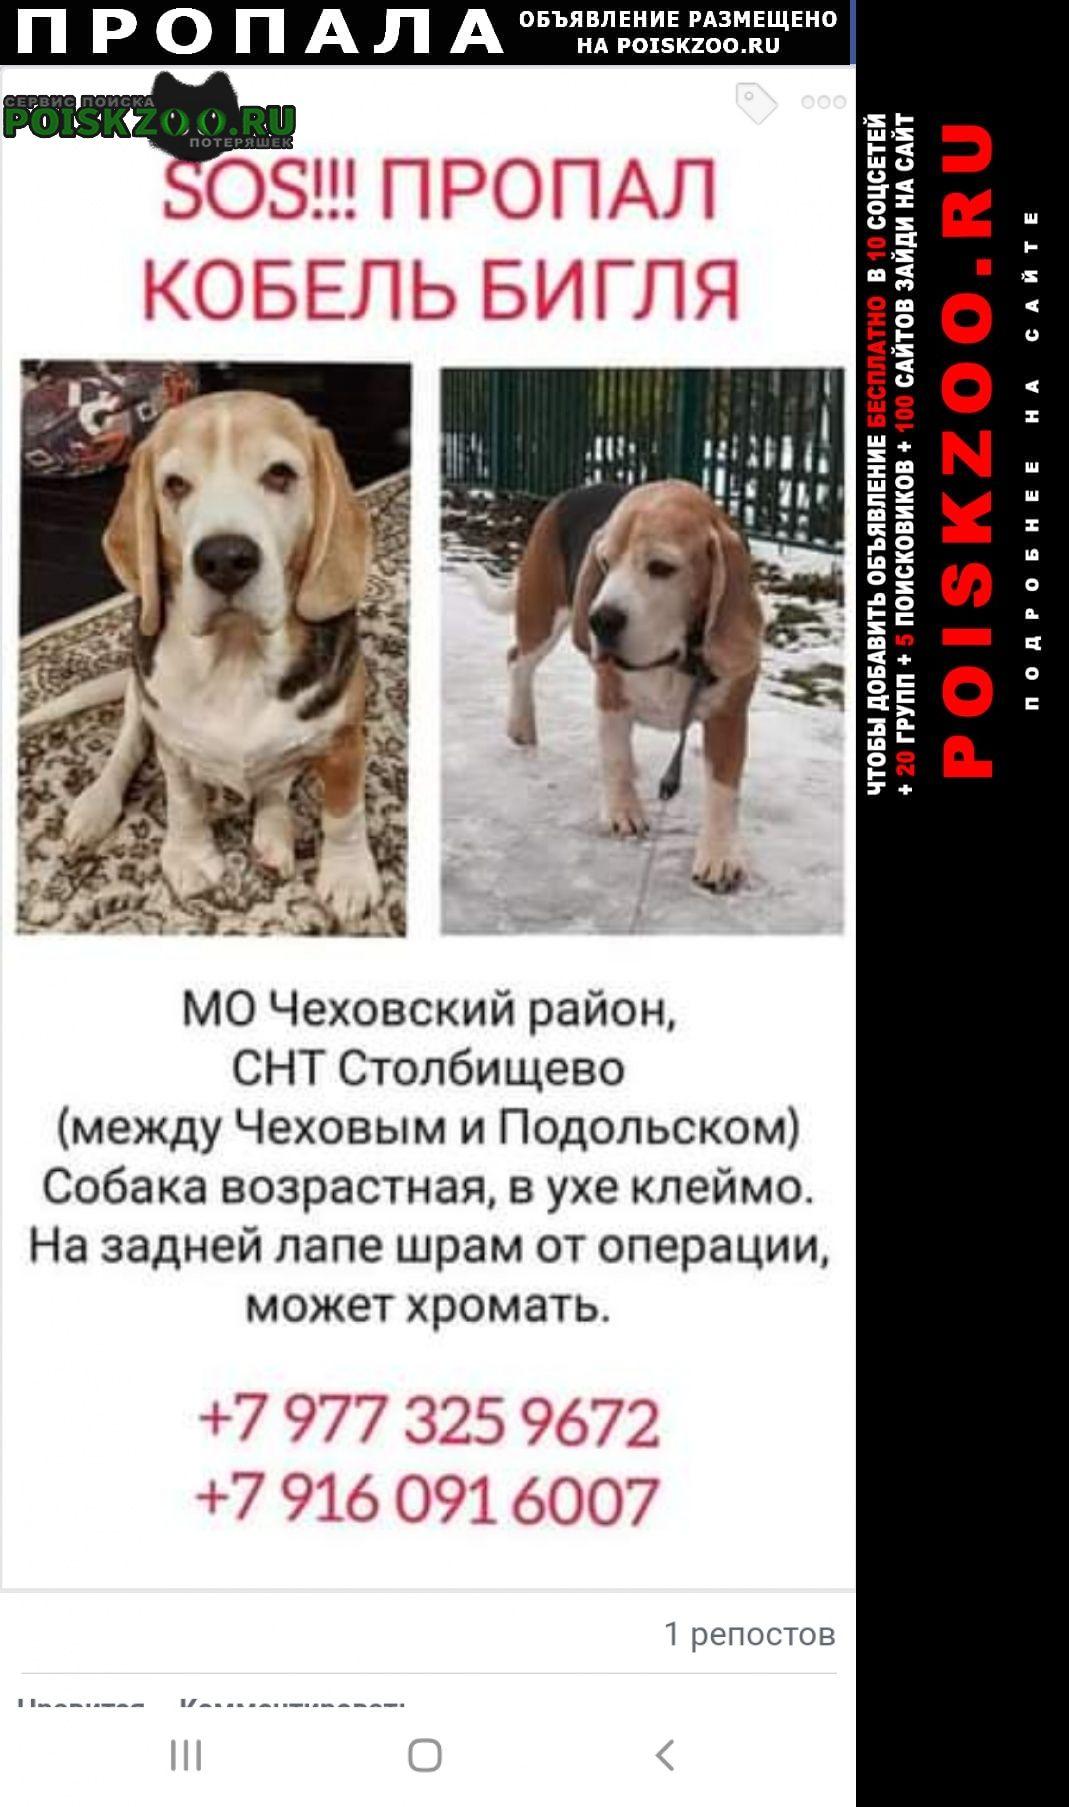 Пропала собака возрастной кобель бигля Чехов